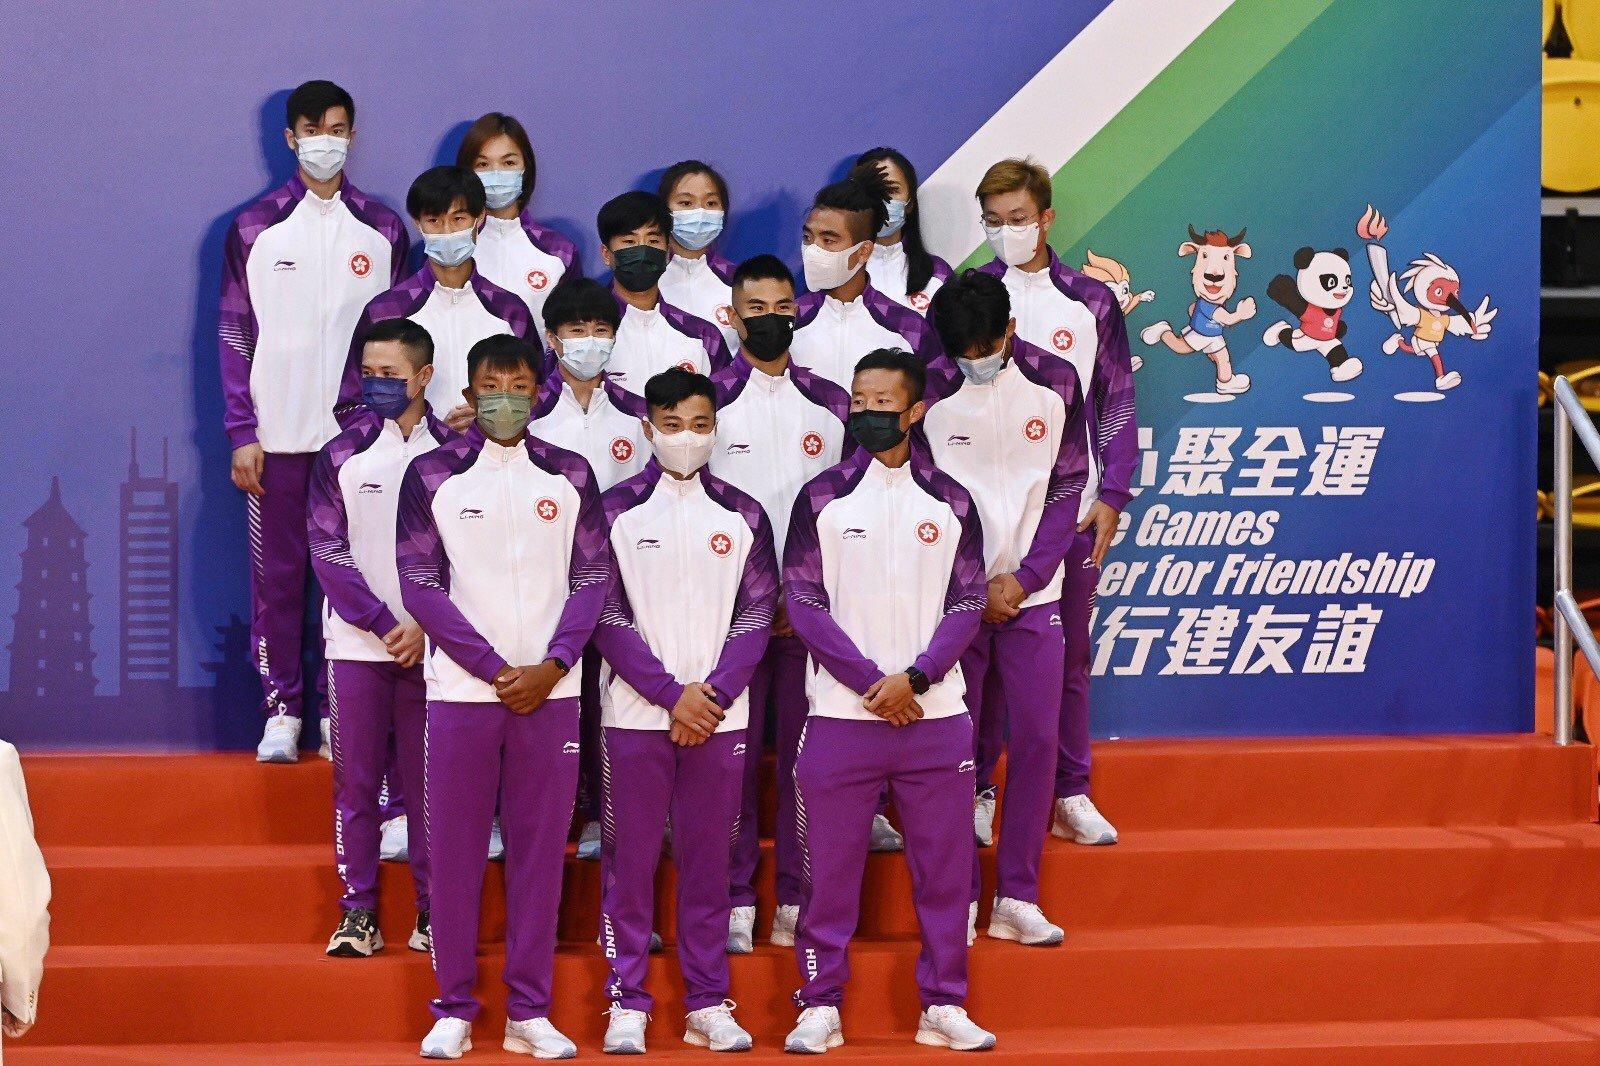 香港代表江旻憓於全運會重劍項目晉身準決賽,將為港隊劍擊力爭第2面獎牌。資料圖片。(宋碧龍/大紀元)